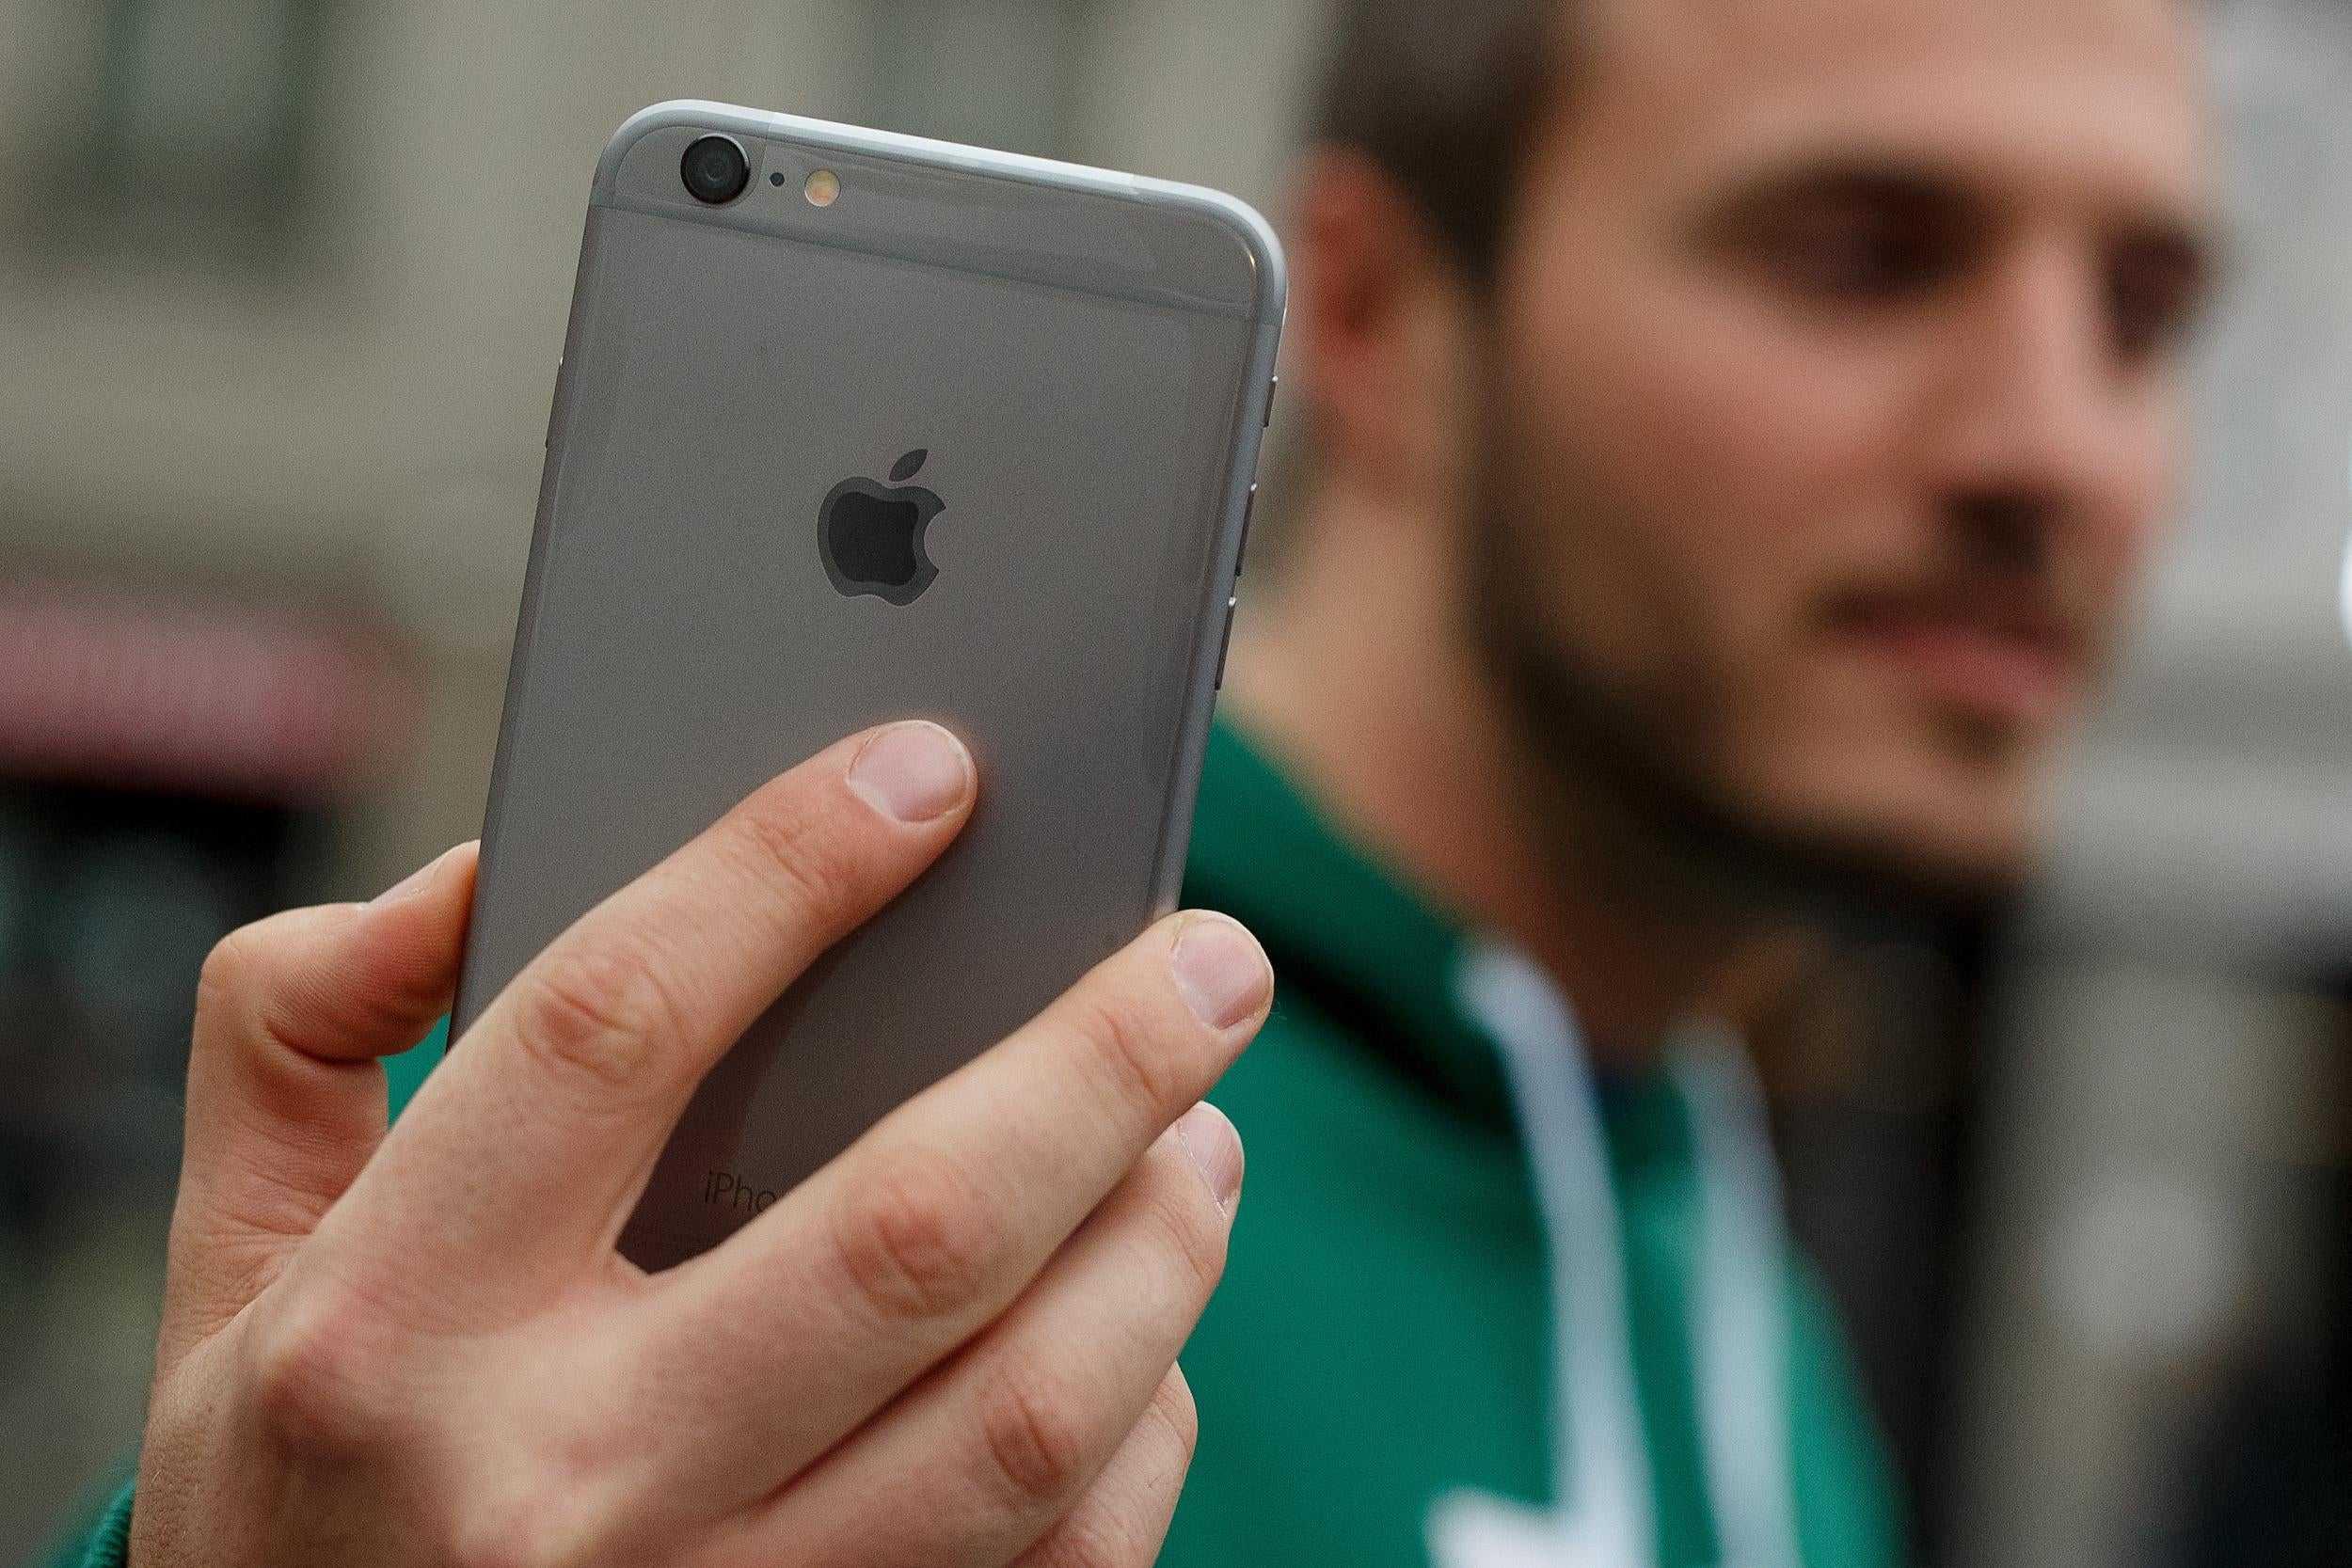 В италии оштрафовали apple на 10 миллионов евро за ненастоящую защиту iphone от воды | appleinsider.ru